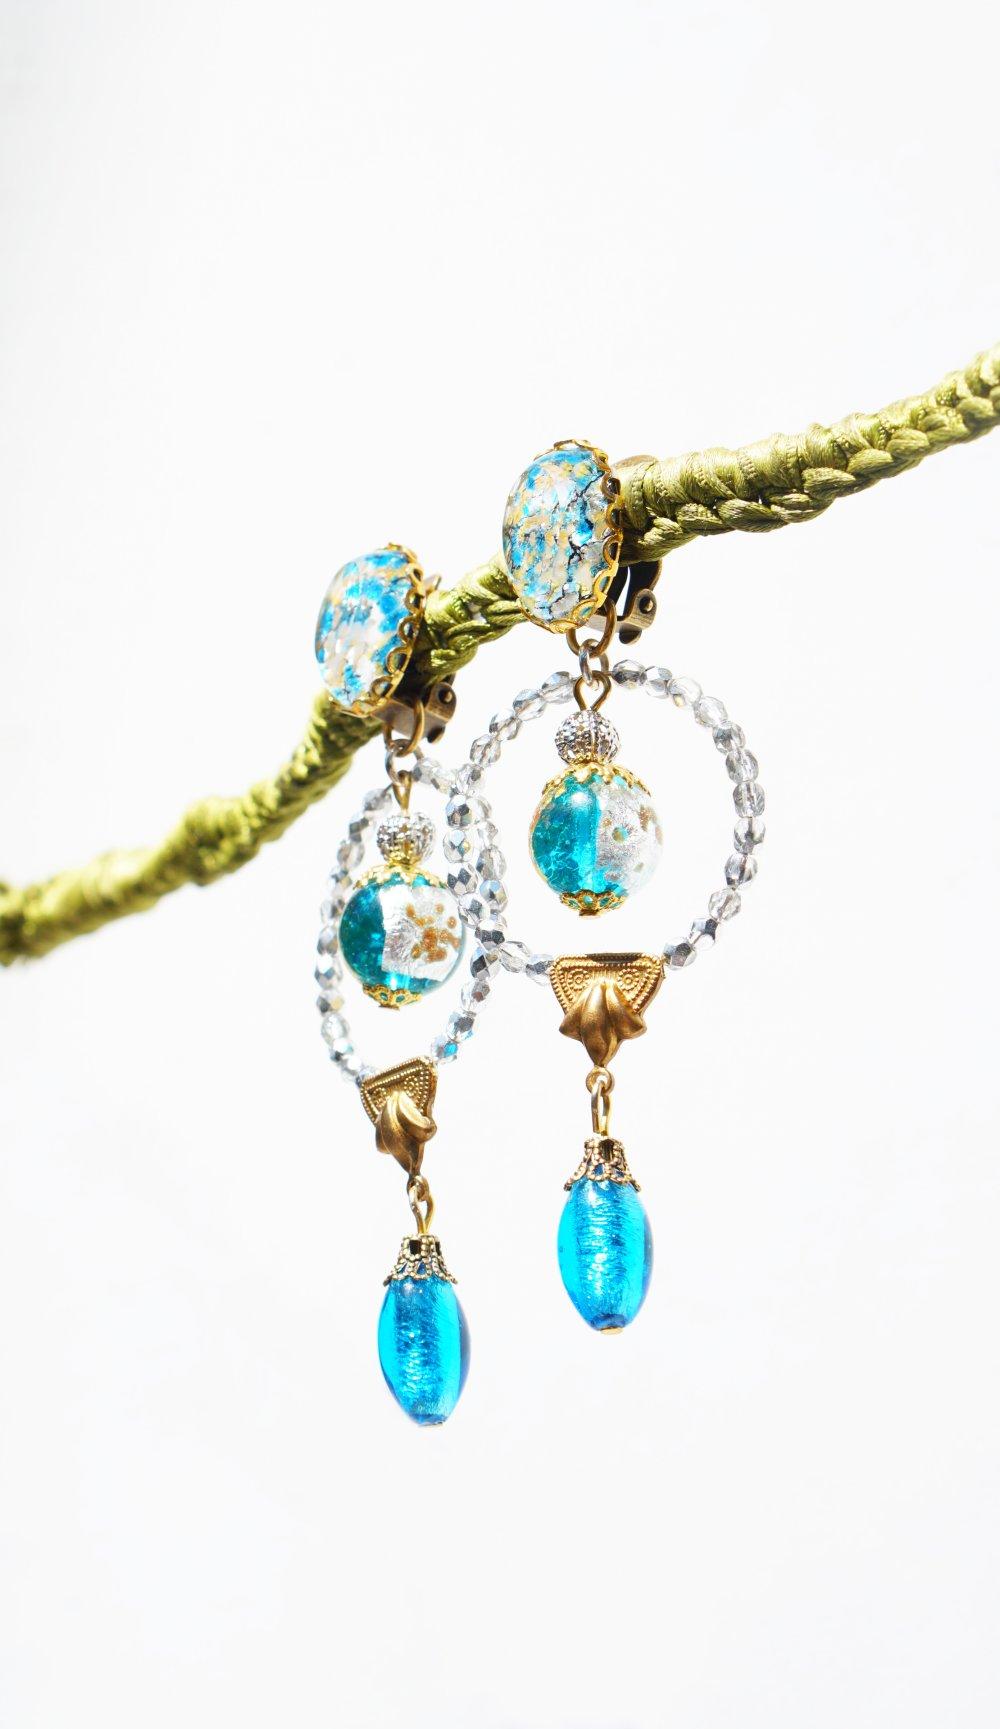 CLIP Boucles d'oreilles Murano Bleu & doré-Argent Longues Murano Venise Cabochon vintage doré Bijoux créateur Fait main